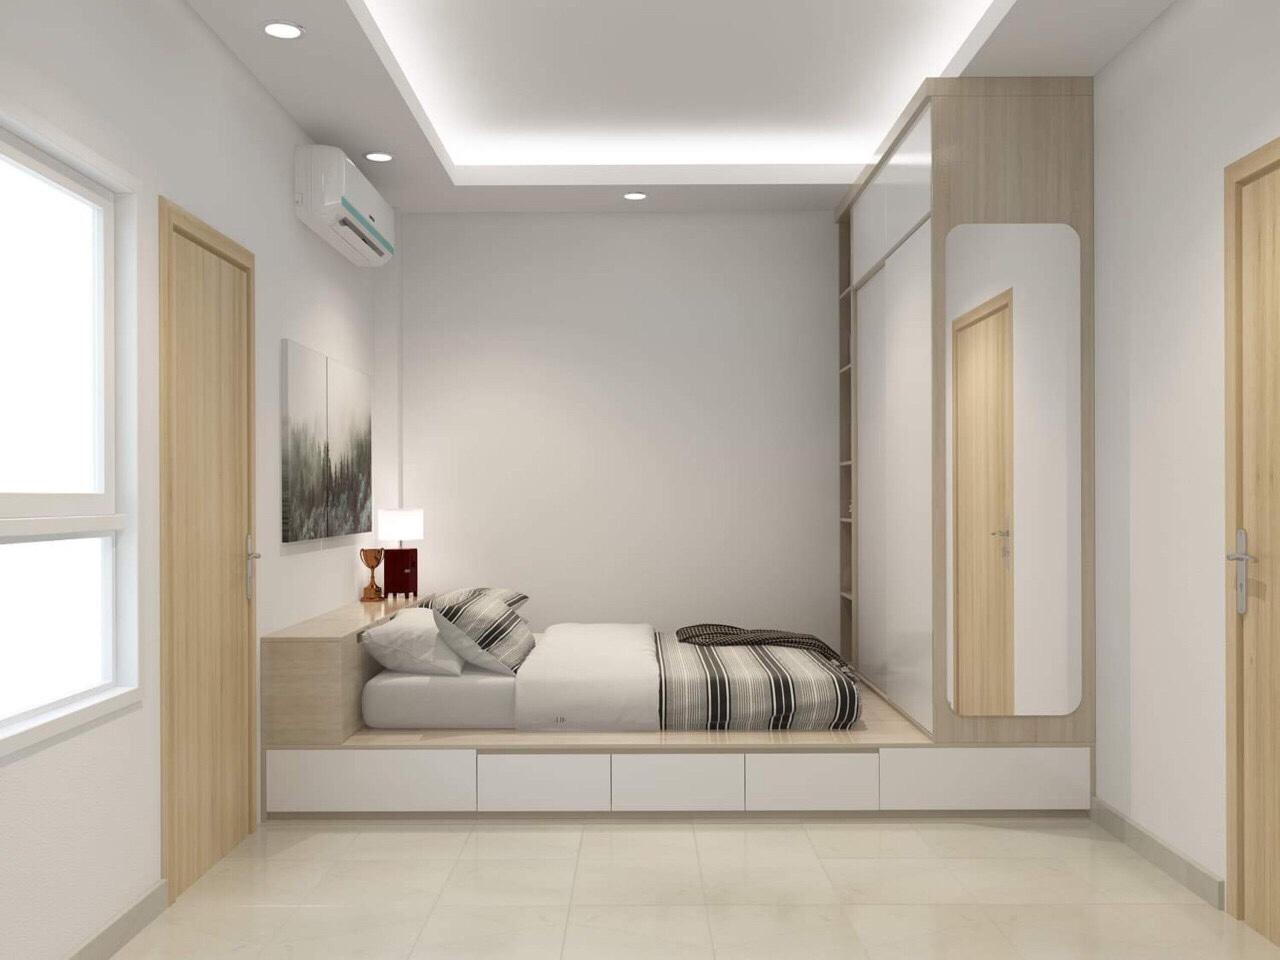 Thiết kế phòng ngủ chung cư đẹp và hài hòa